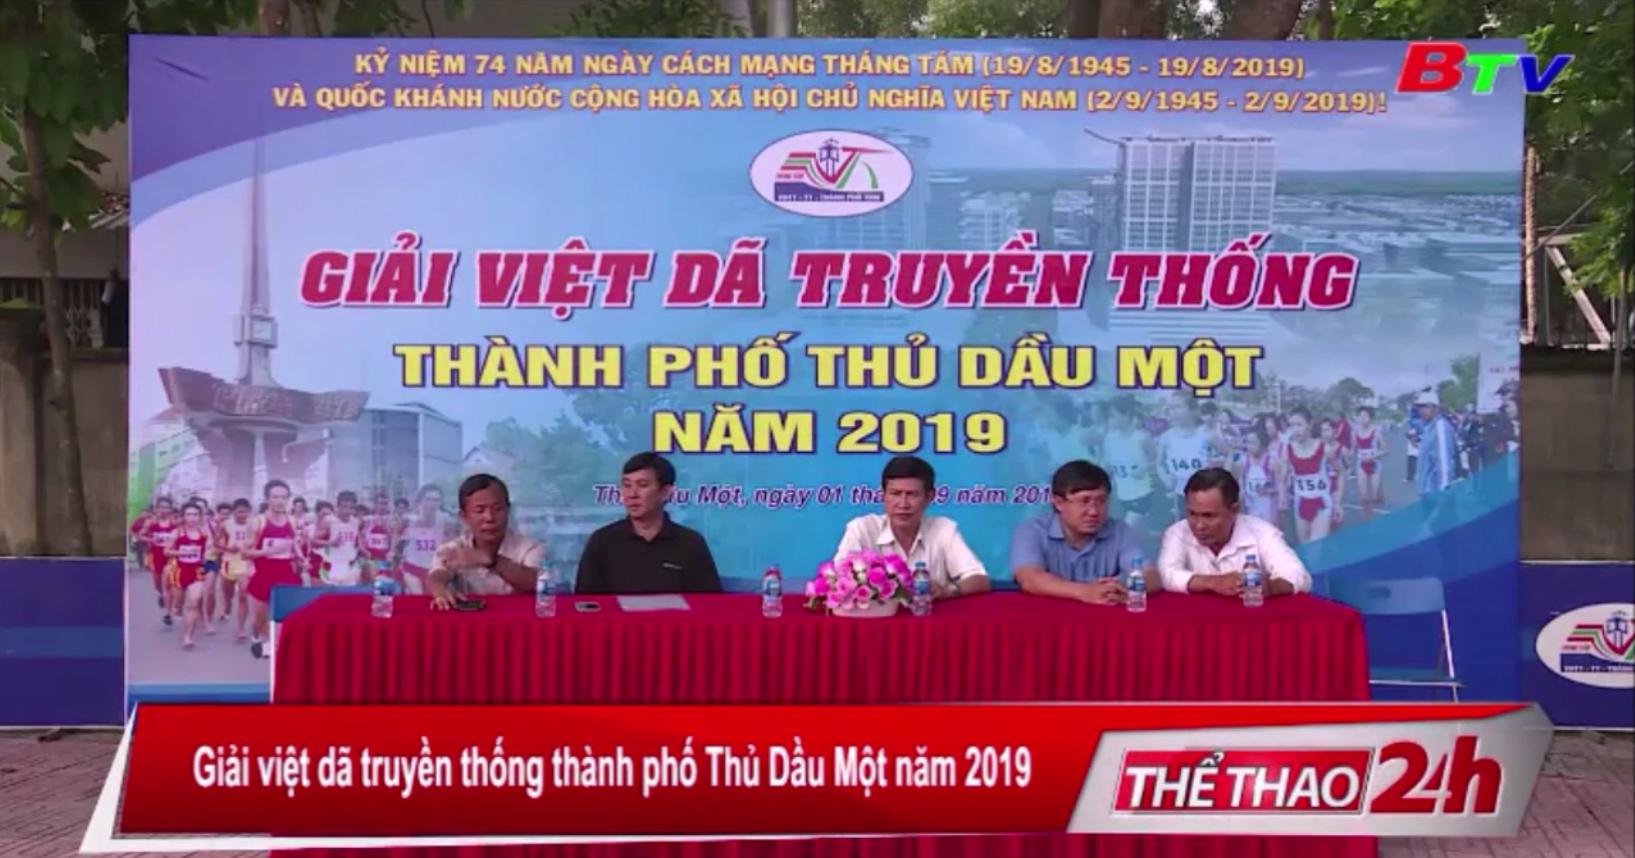 Giải việt dã truyền thống thành phố Thủ Dầu Một năm 2019